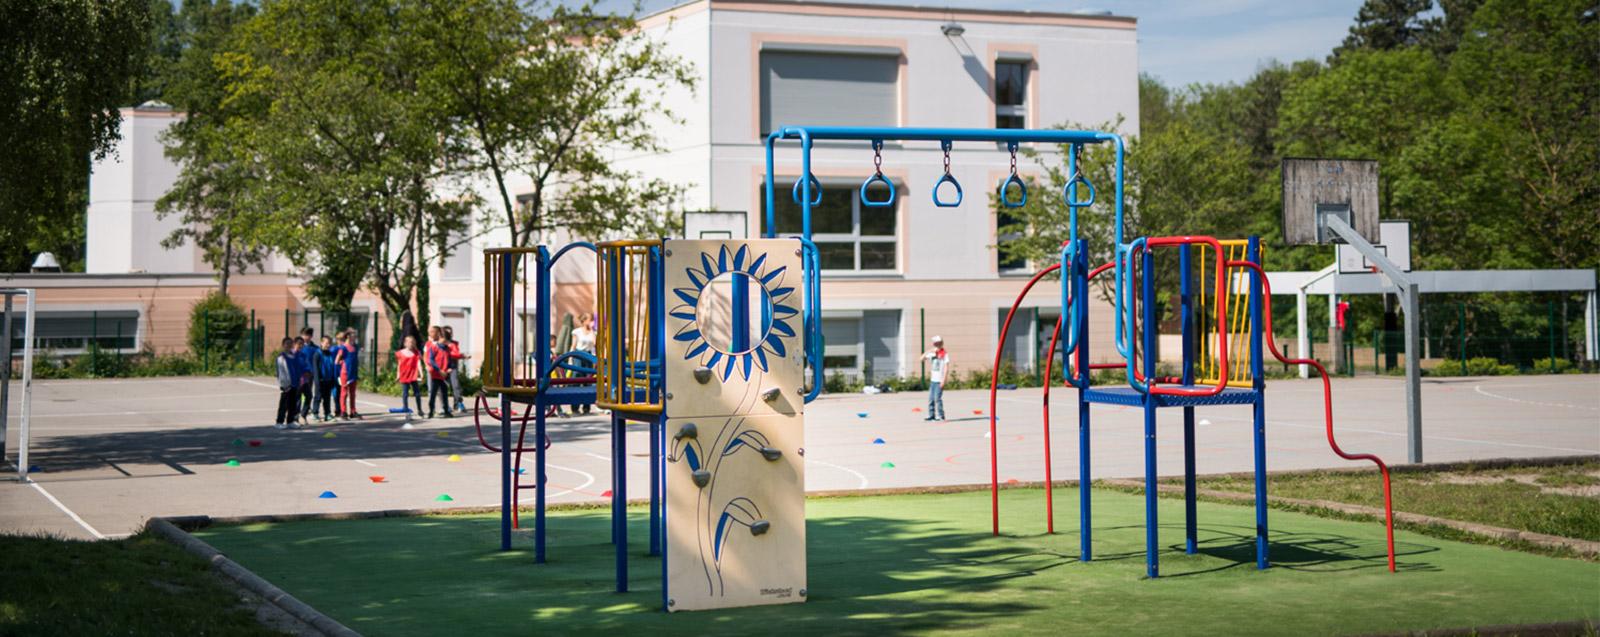 Ecole du Mas de la Raz (GS8) - © Mairie de Villefontaine